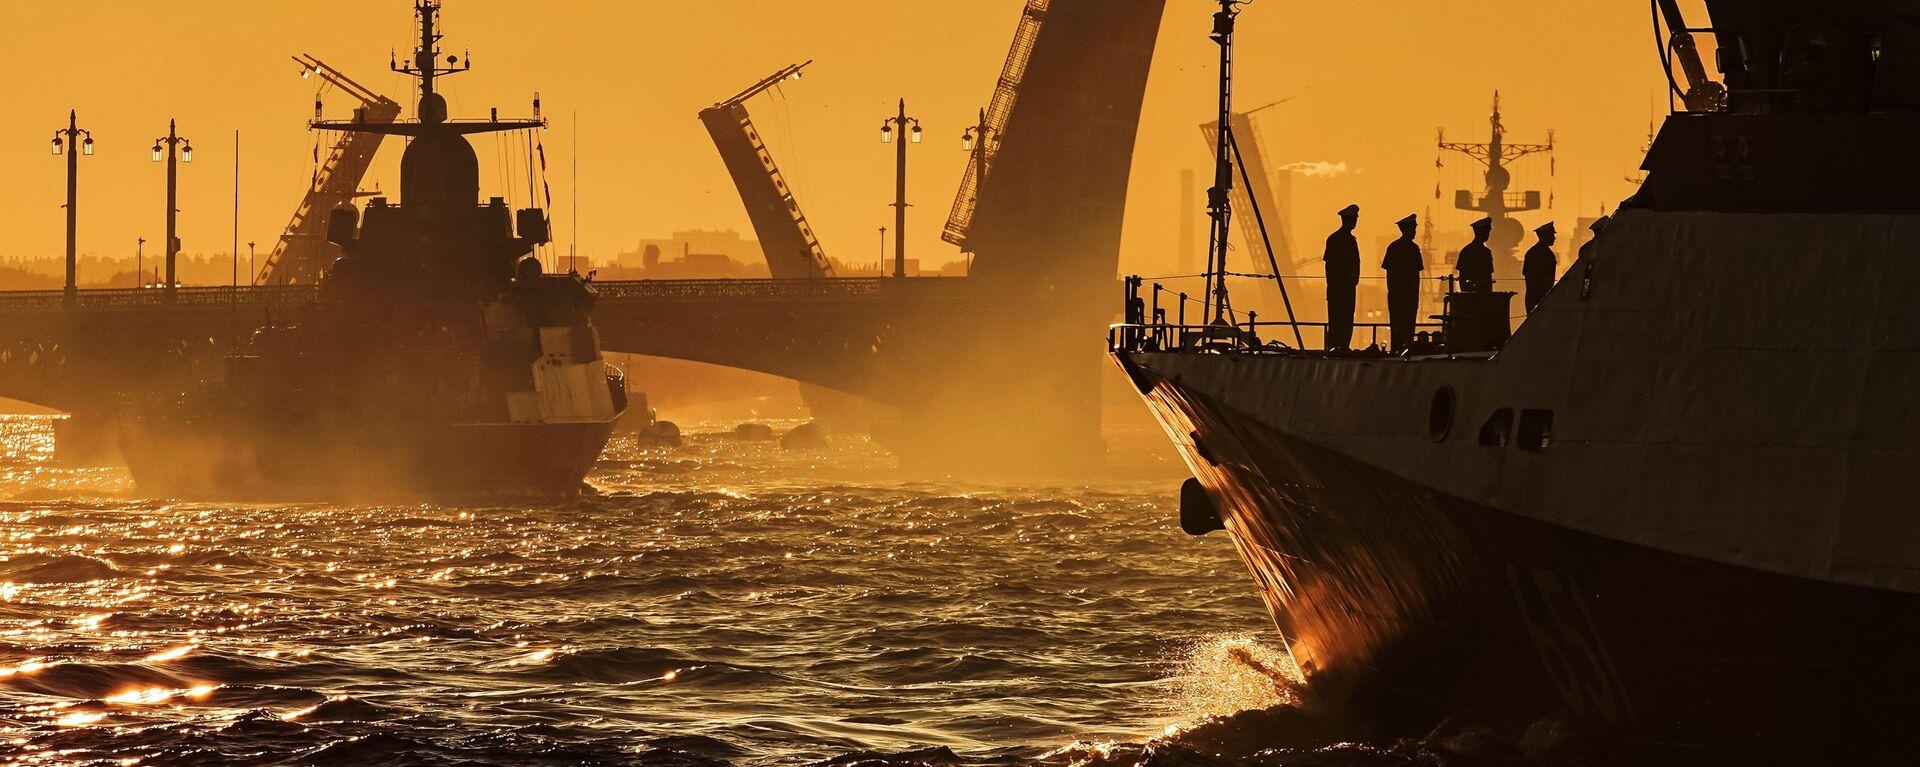 Ruské loďstvo na zkoušce přehlídky ke dni ruského námořnictva - Sputnik Česká republika, 1920, 23.11.2020